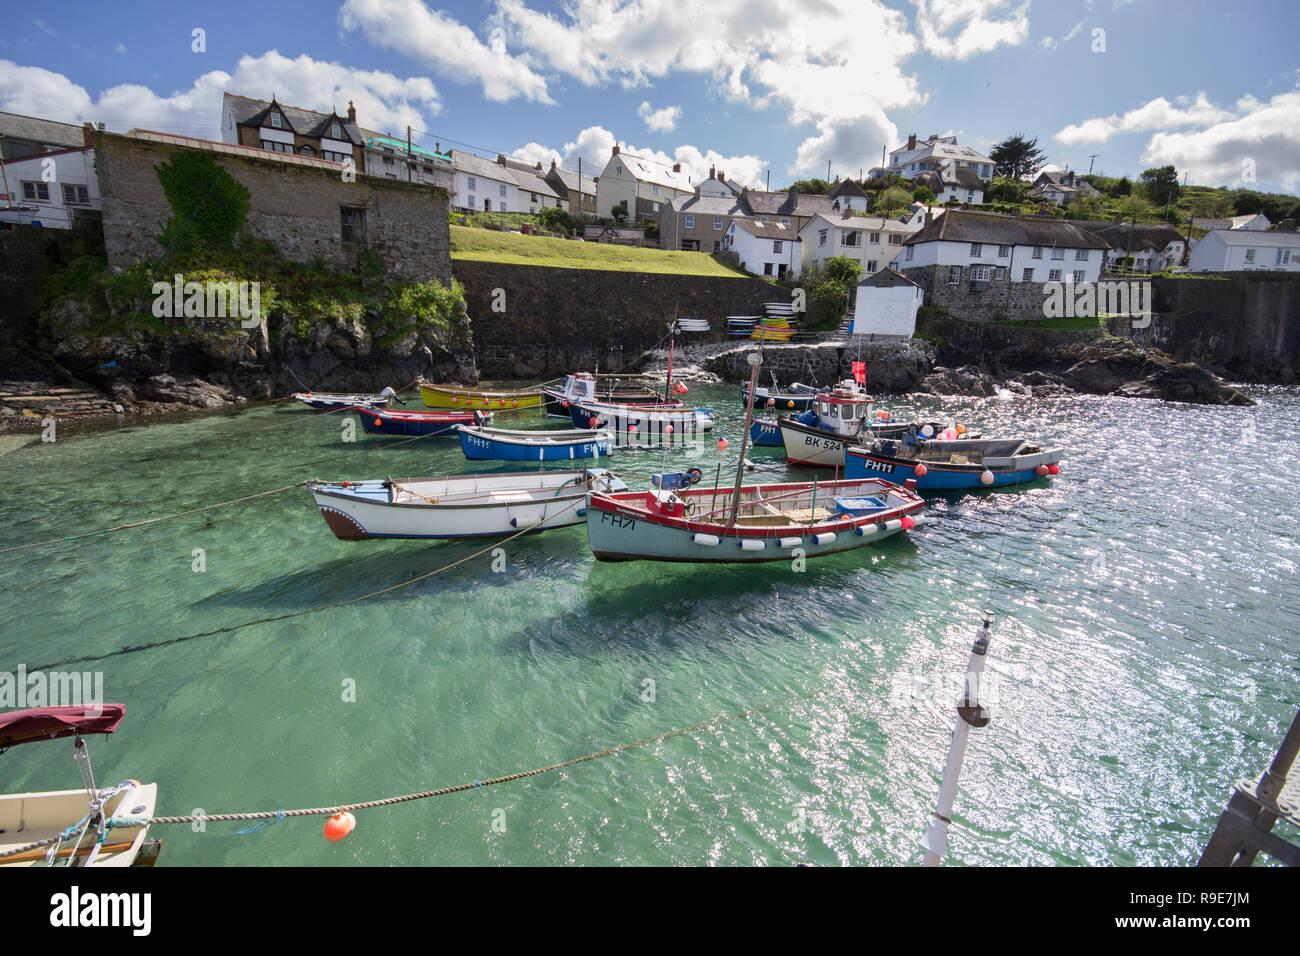 Bateaux amarrés dans l'eau claire à Coverack Harbour à Cornwall Photo Stock